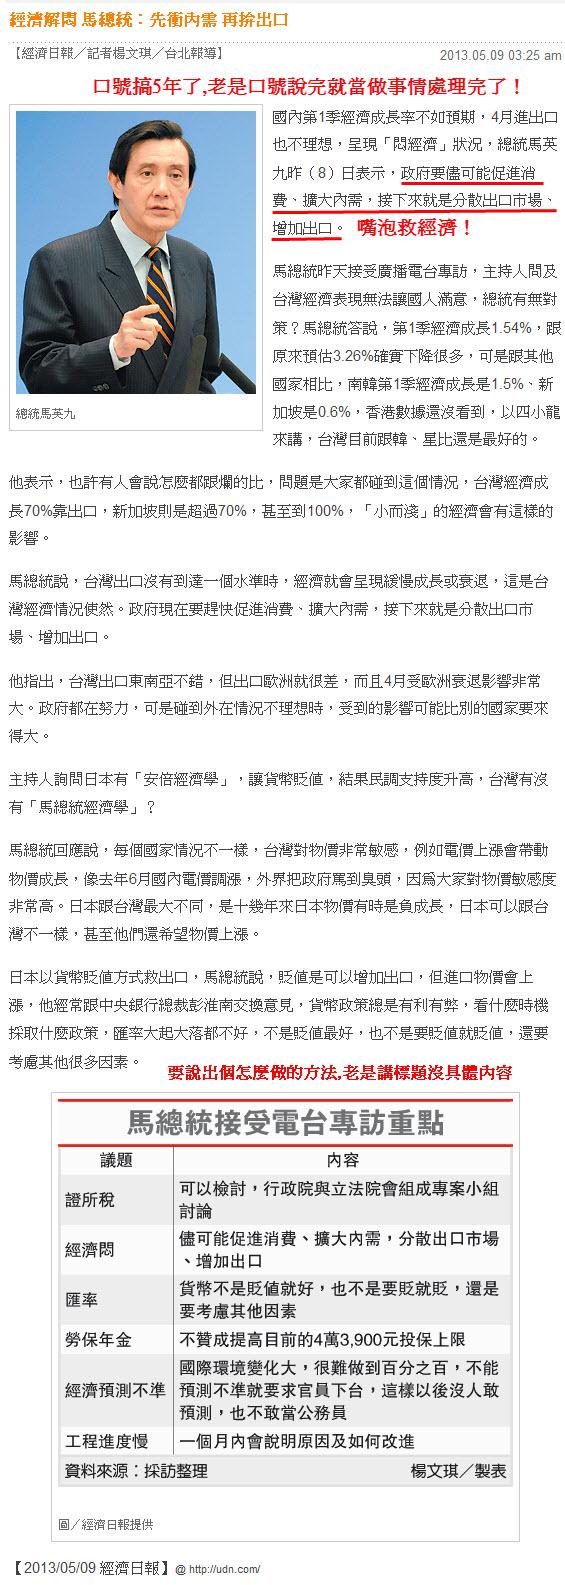 經濟解悶 馬總統:先衝內需 再拚出口-2013.05.09-01